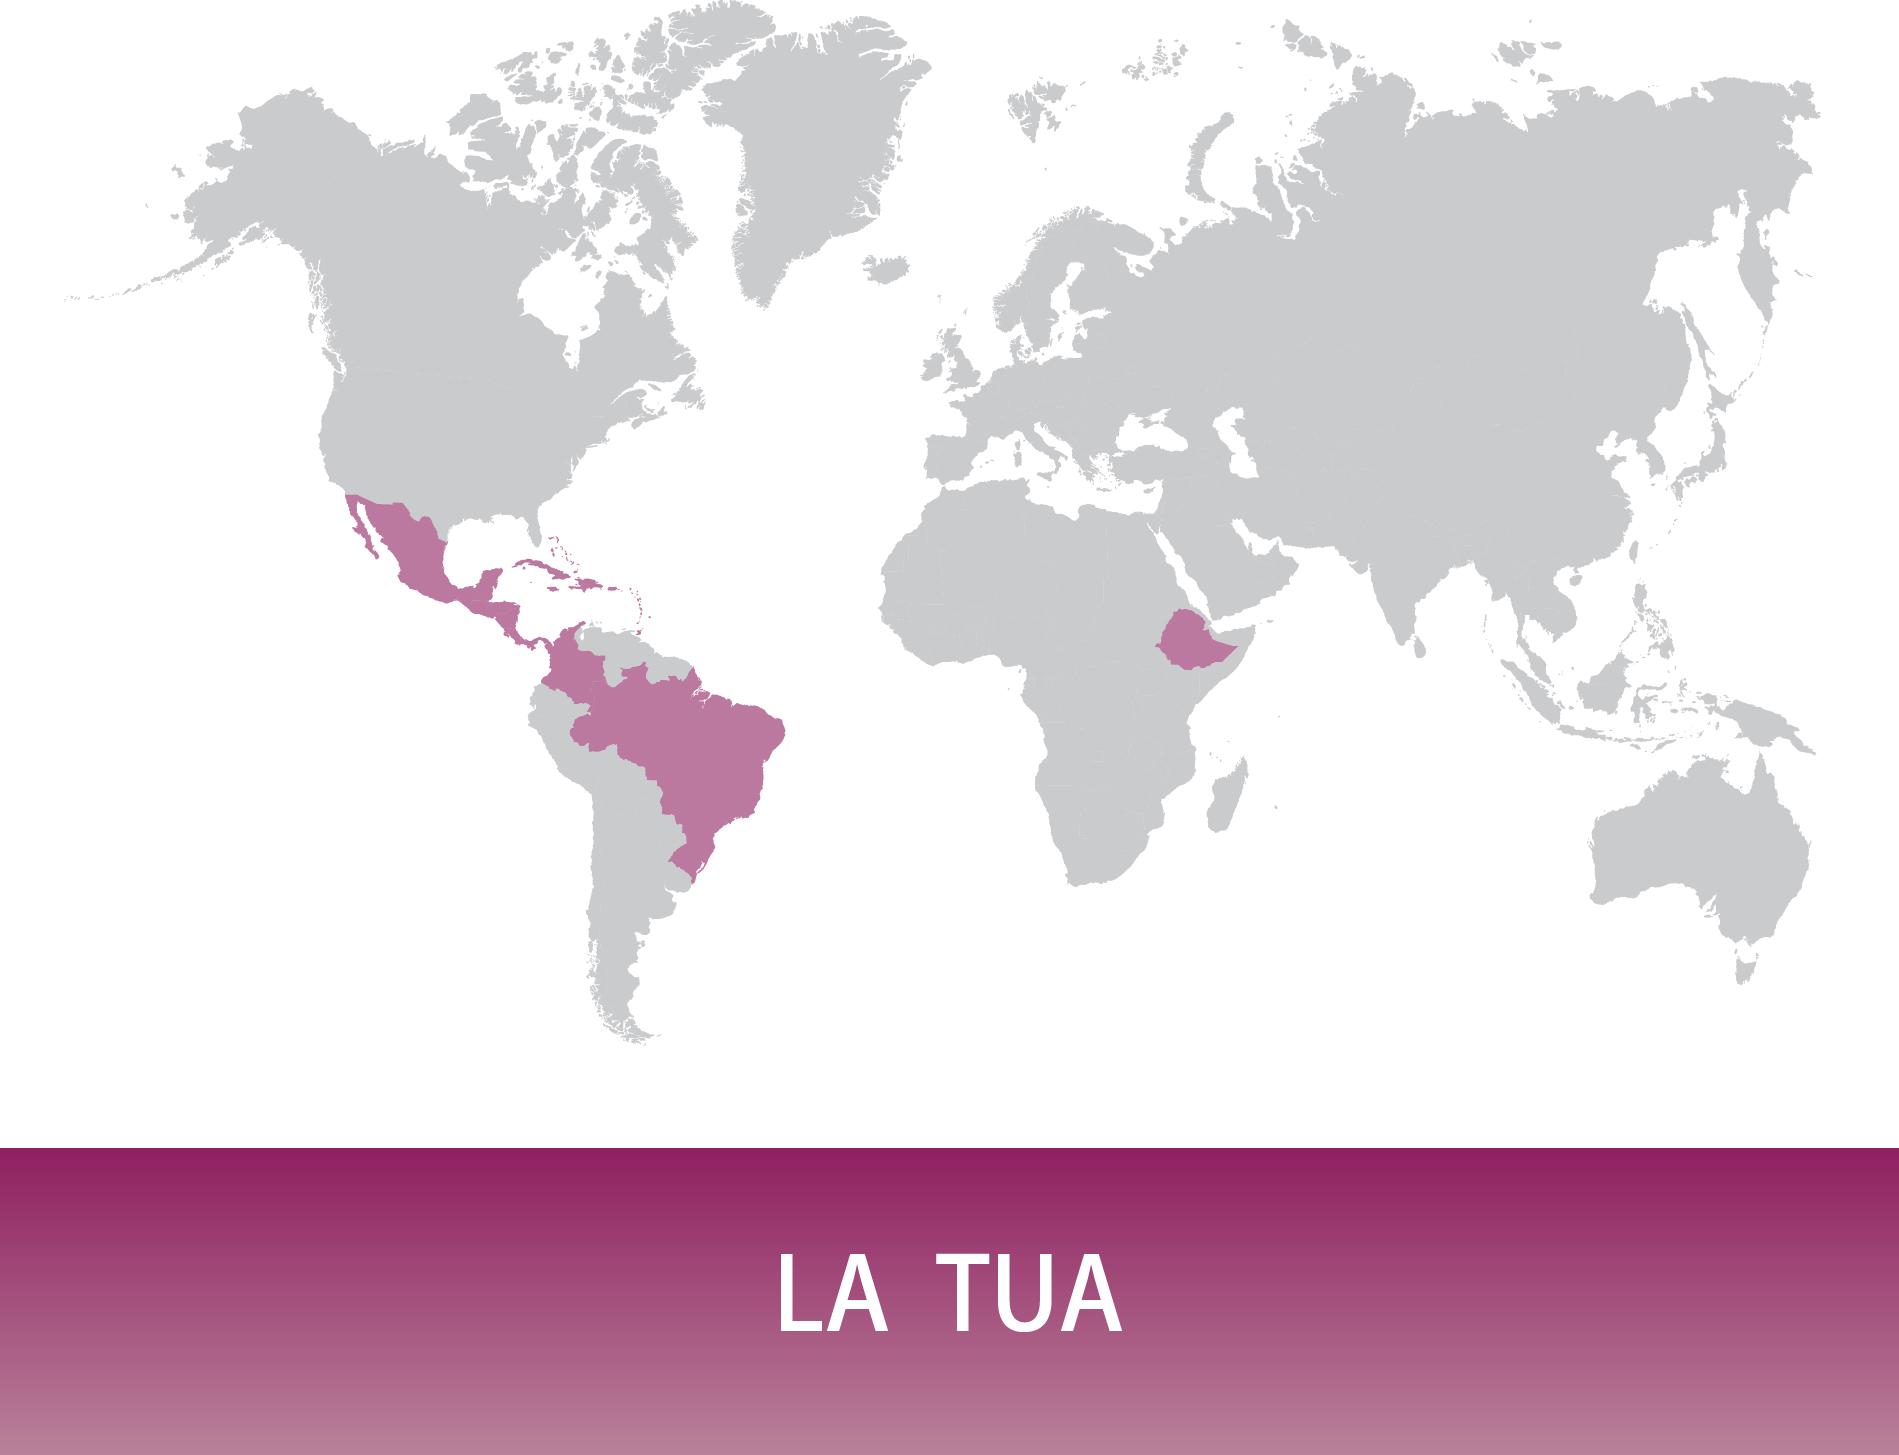 La Tua